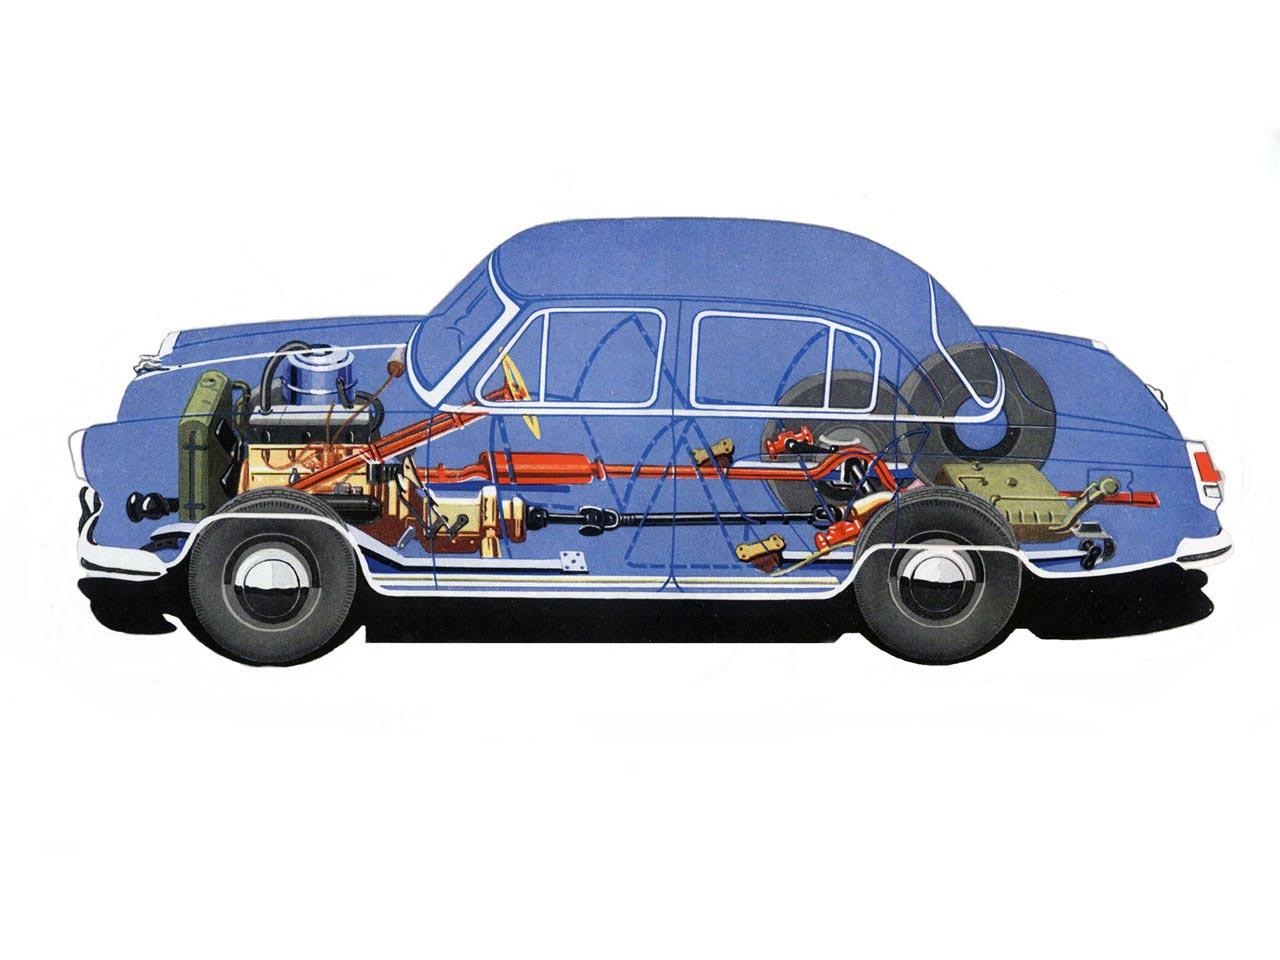 GAZ-21 cutaway drawing